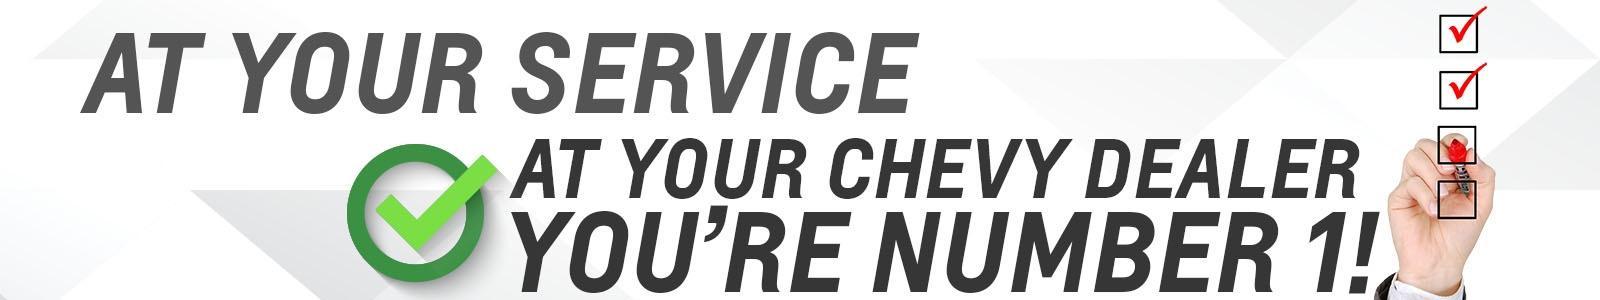 chevy service chevydriveschicago